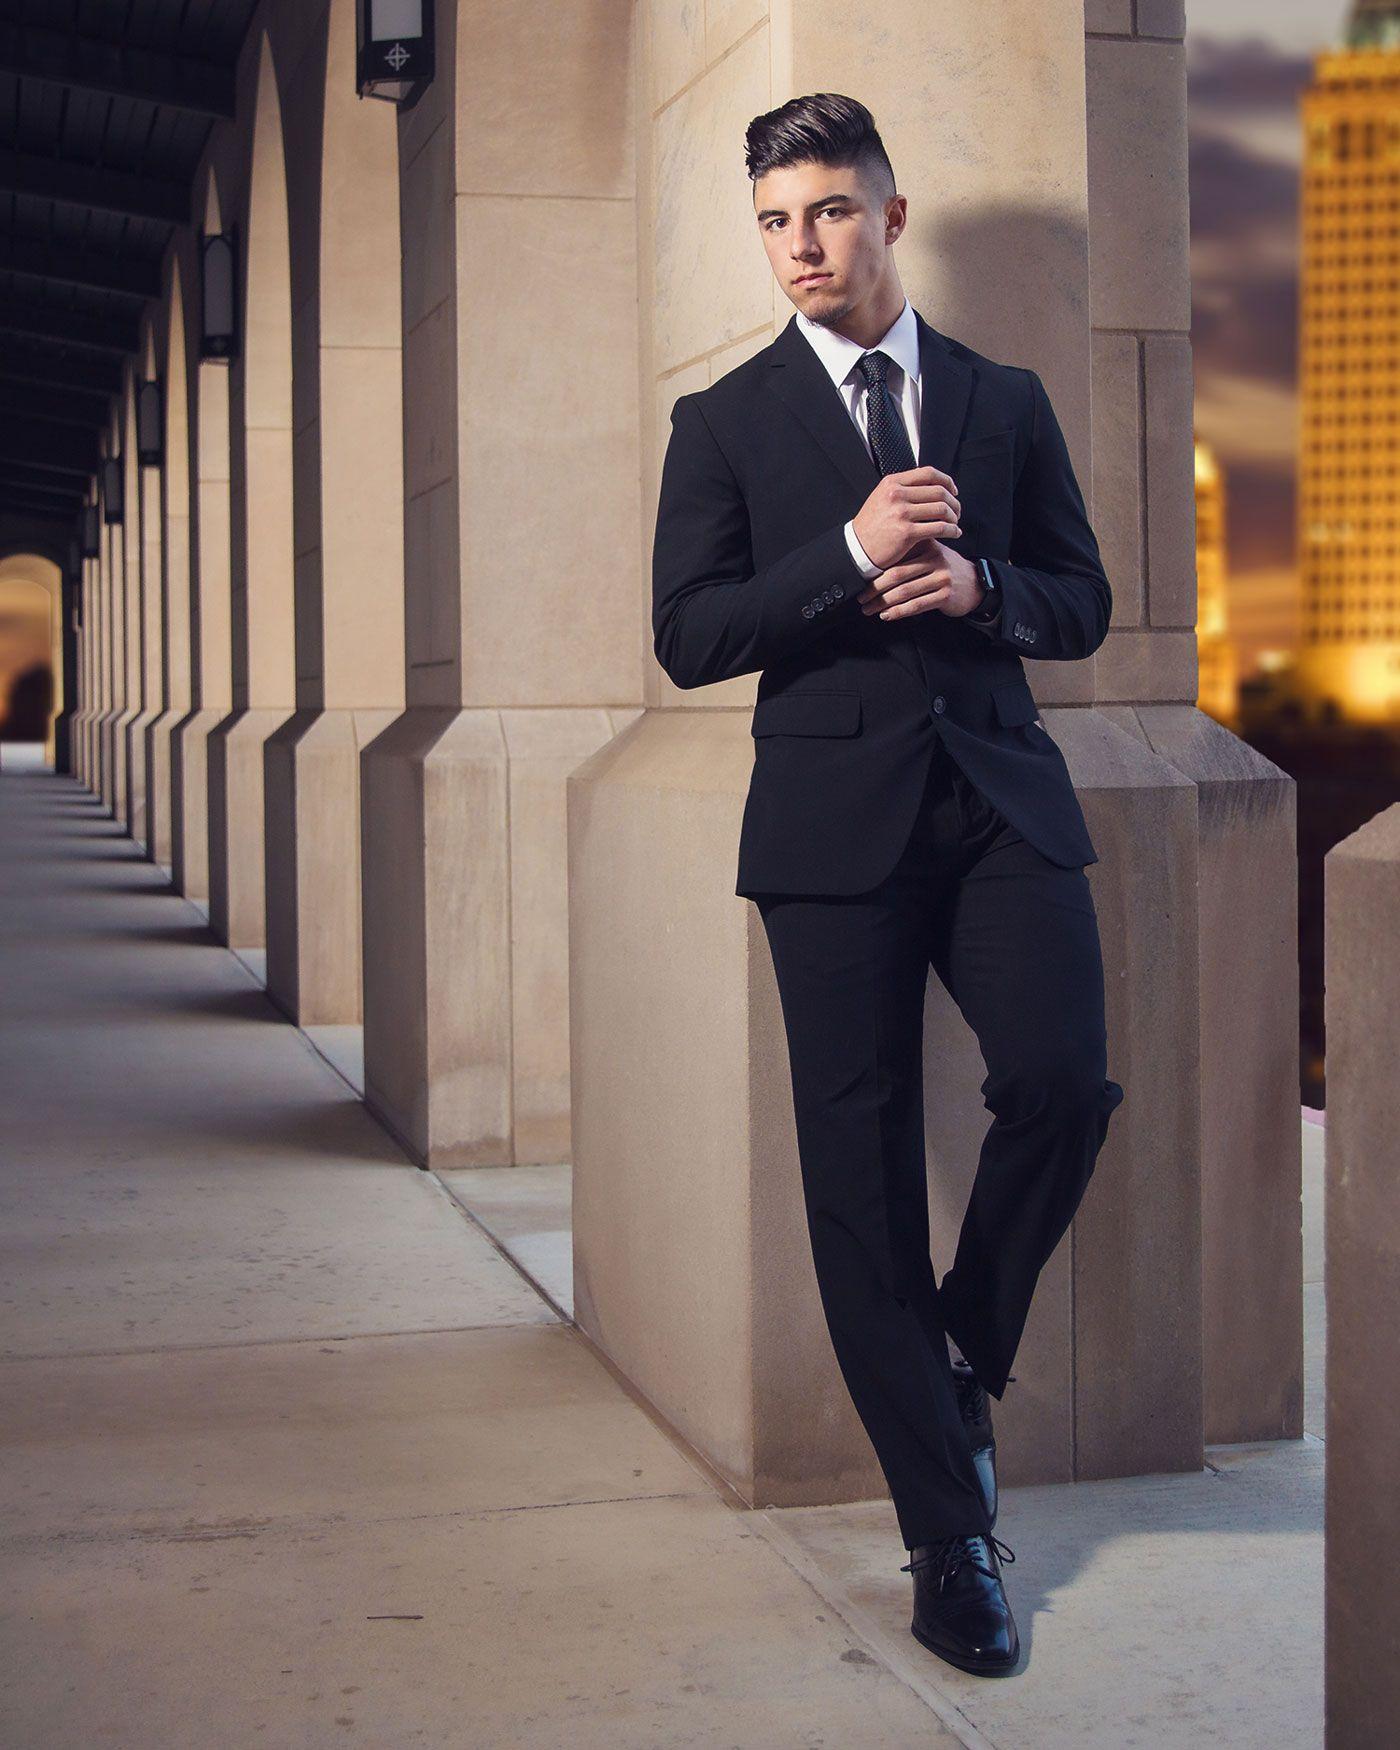 senior portrait of a boy in a suit